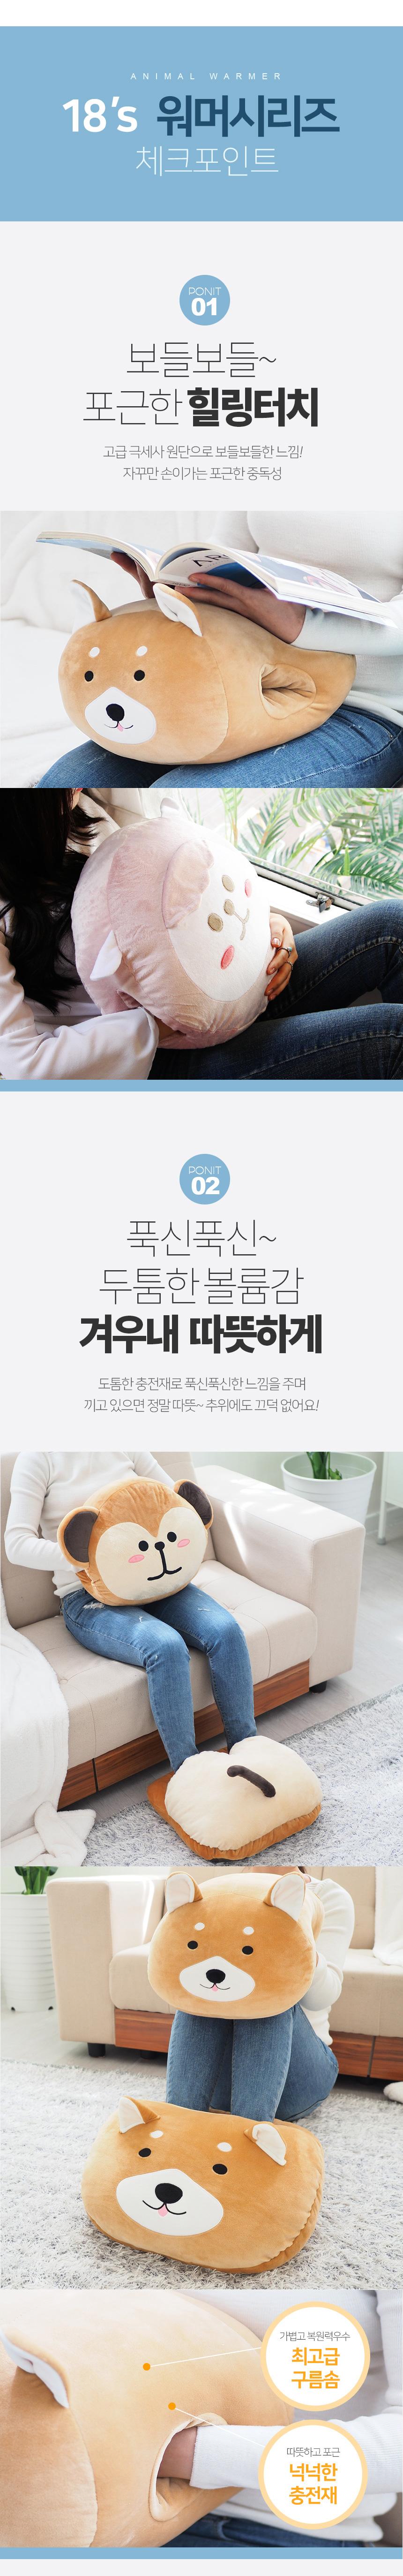 [비스비바]  애니멀 핸드 & 풋 워머 - 비스비바, 21,900원, 쿠션, 캐릭터